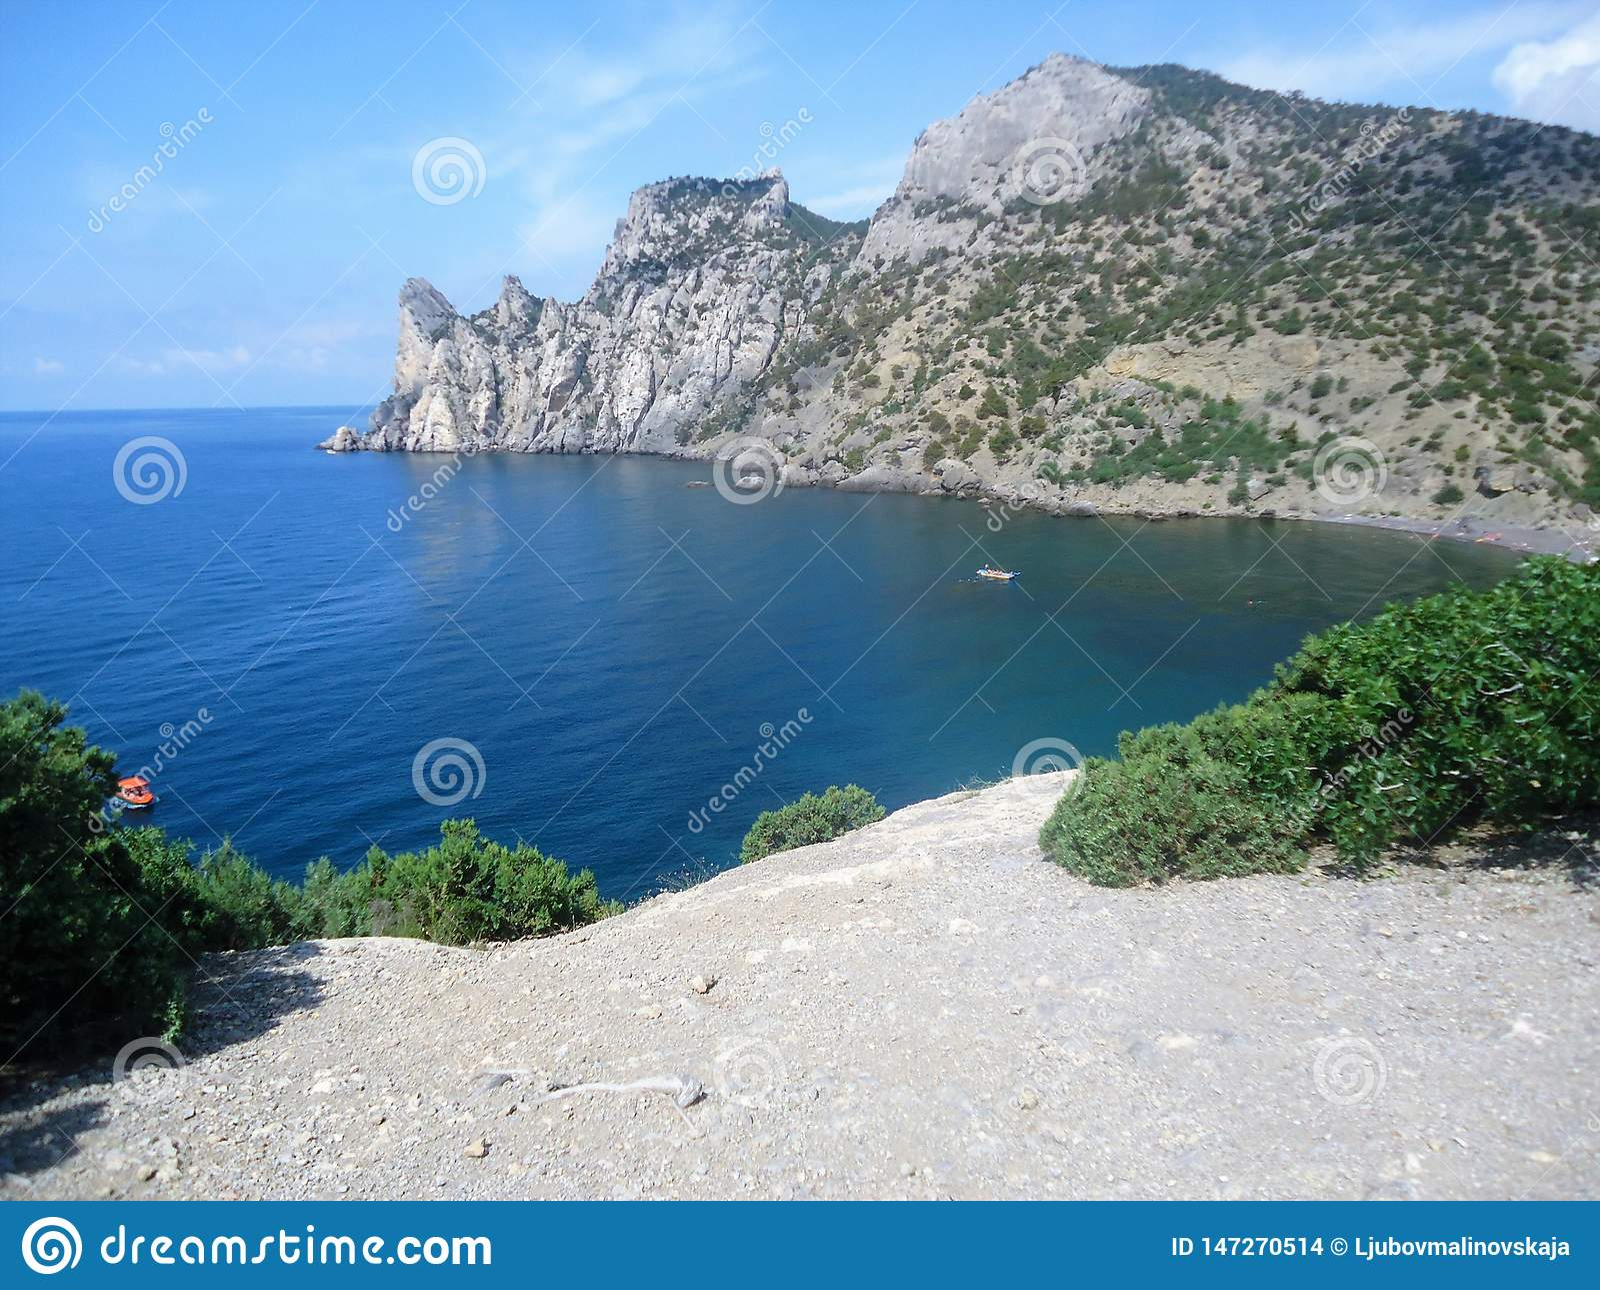 Beautiful mountain island in the blue sea.